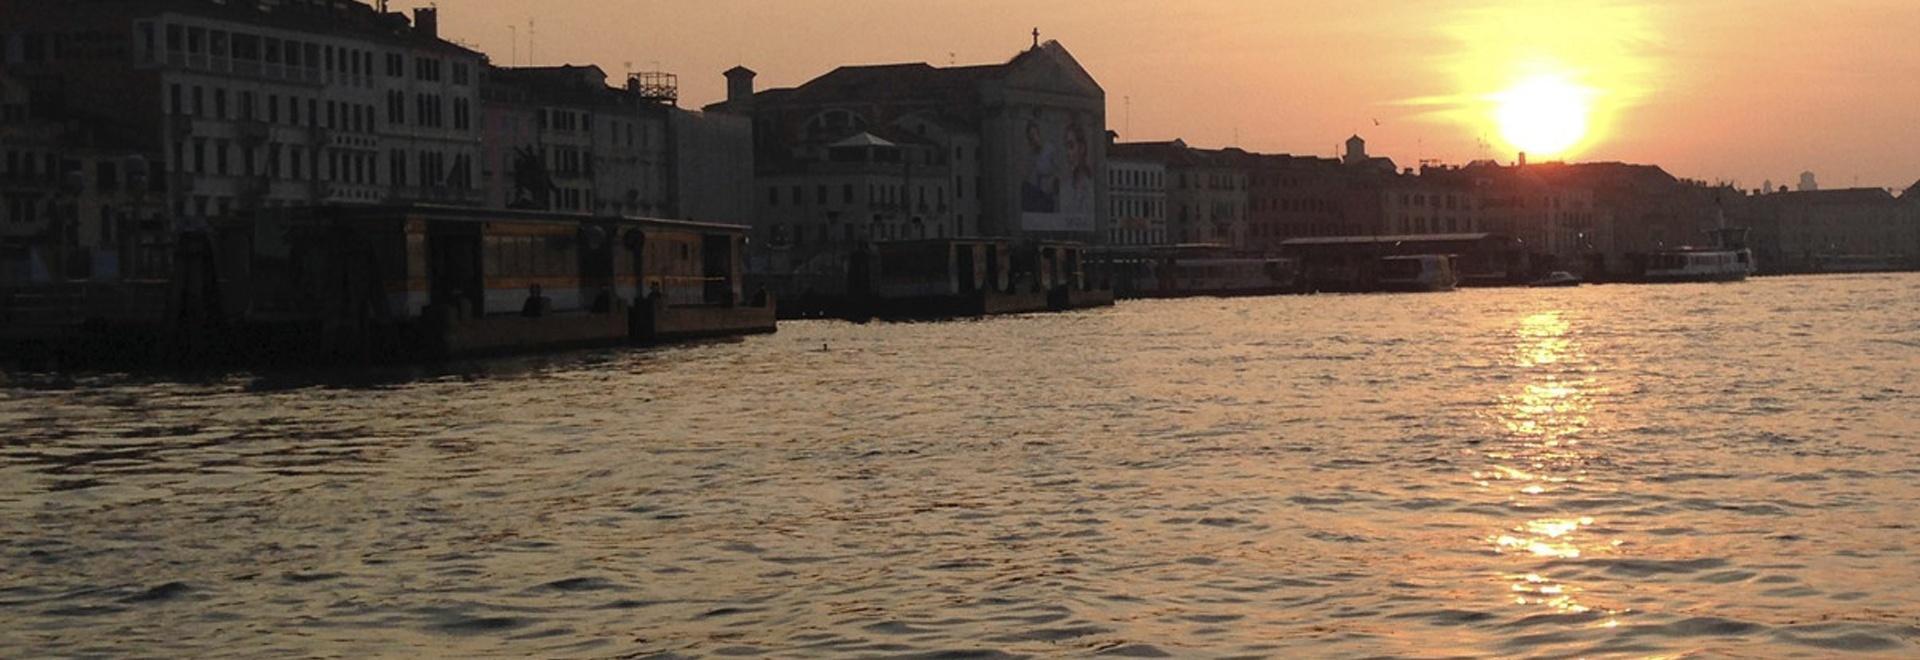 Padova: la Cappella degli Scrovegni